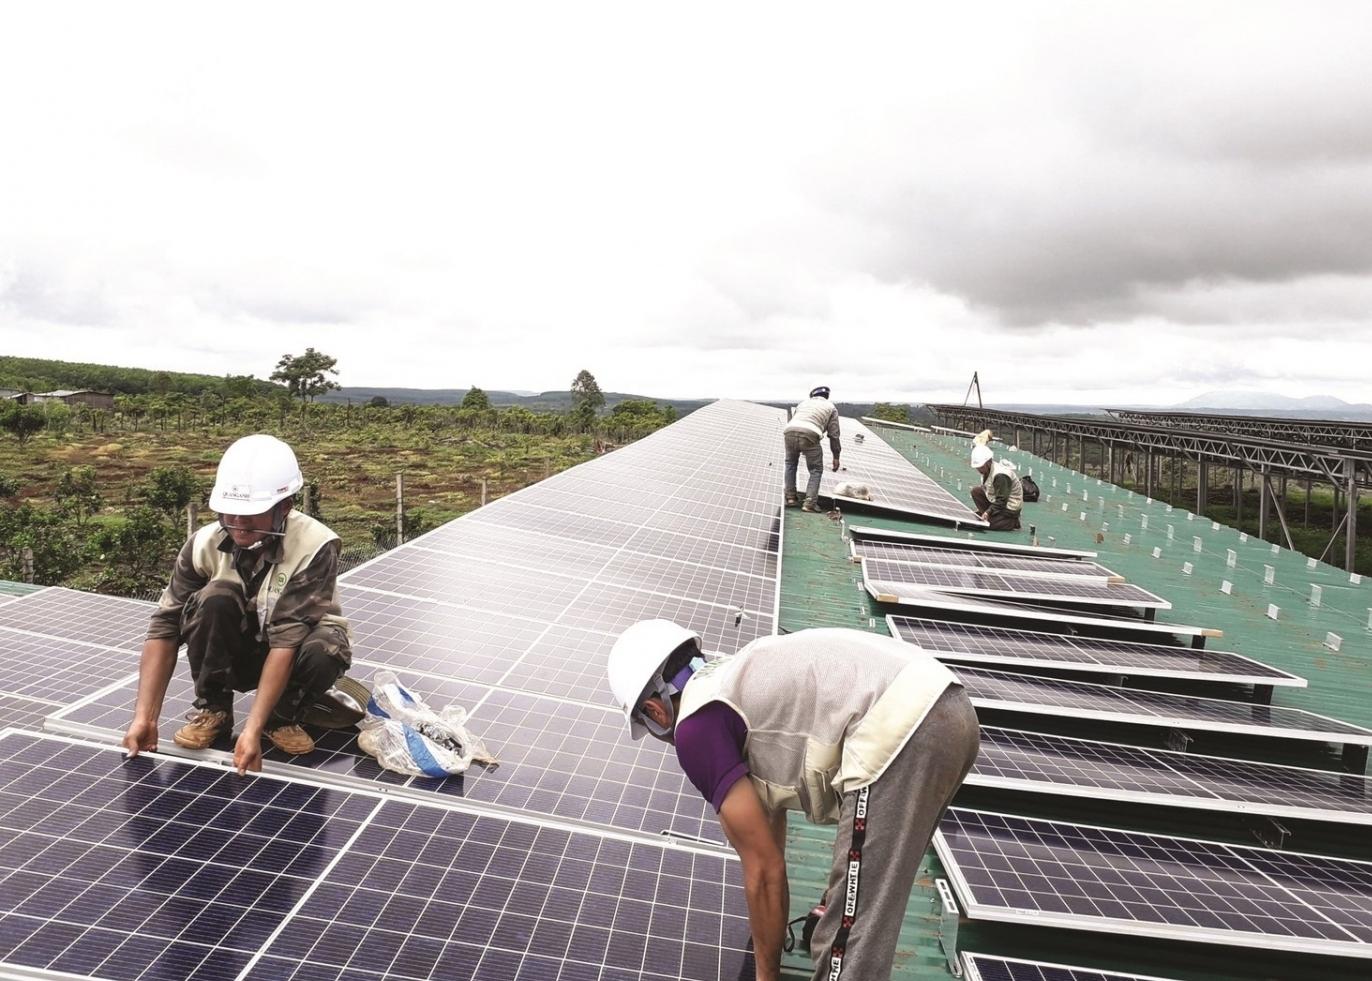 Pin mặt trời Việt Nam bị điều tra lẩn tránh thương mại?